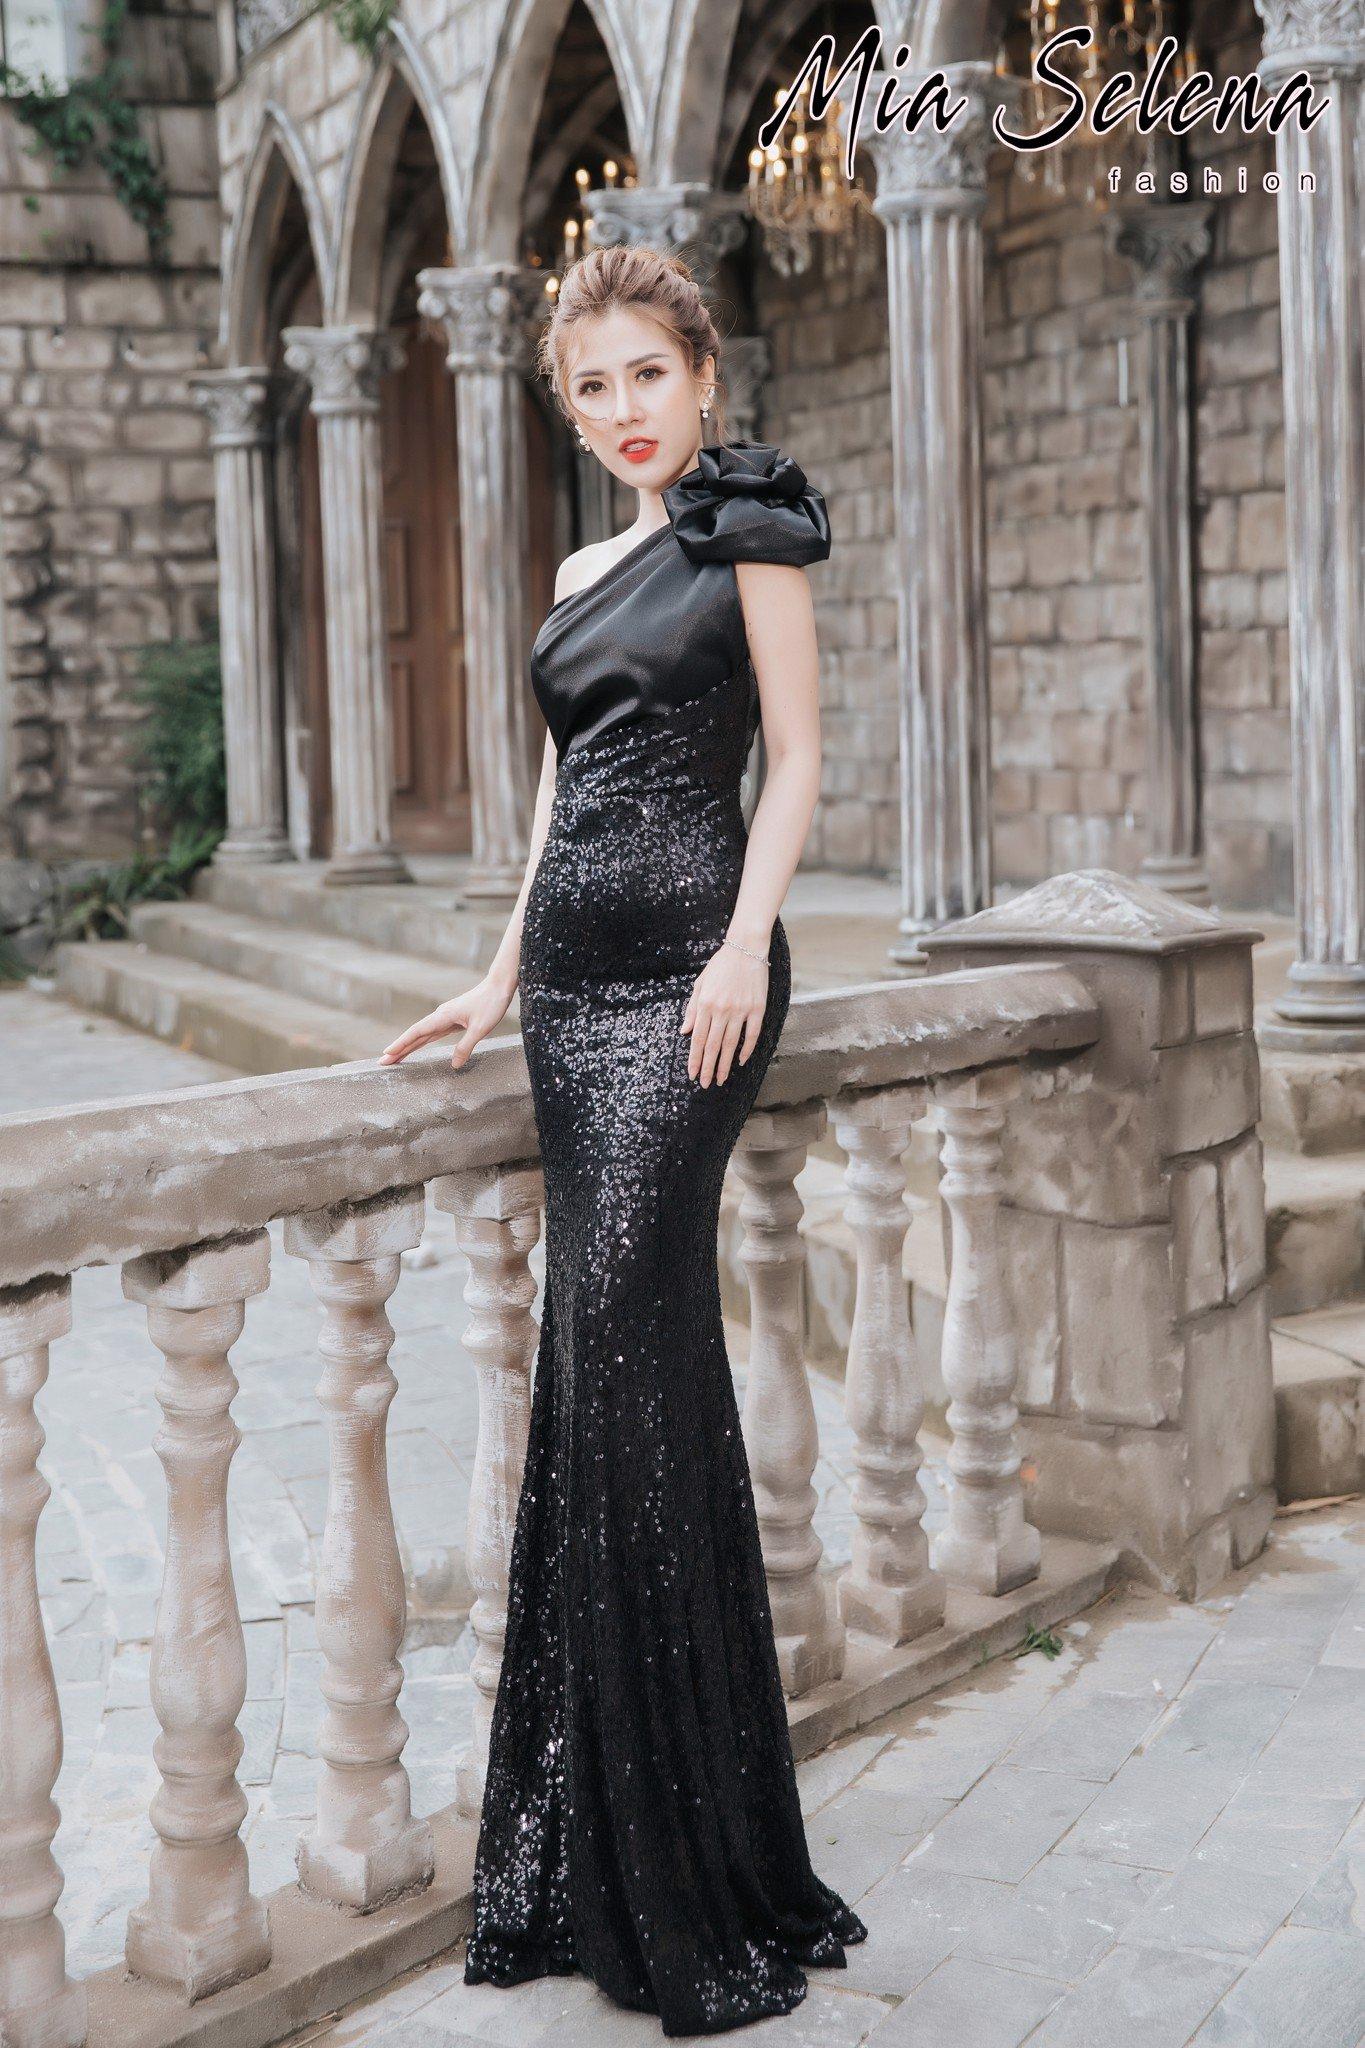 Đầm dạ hội Mia Selena thiết kế lệch vai phối hoa cực đẹp (Đen-Trắng)